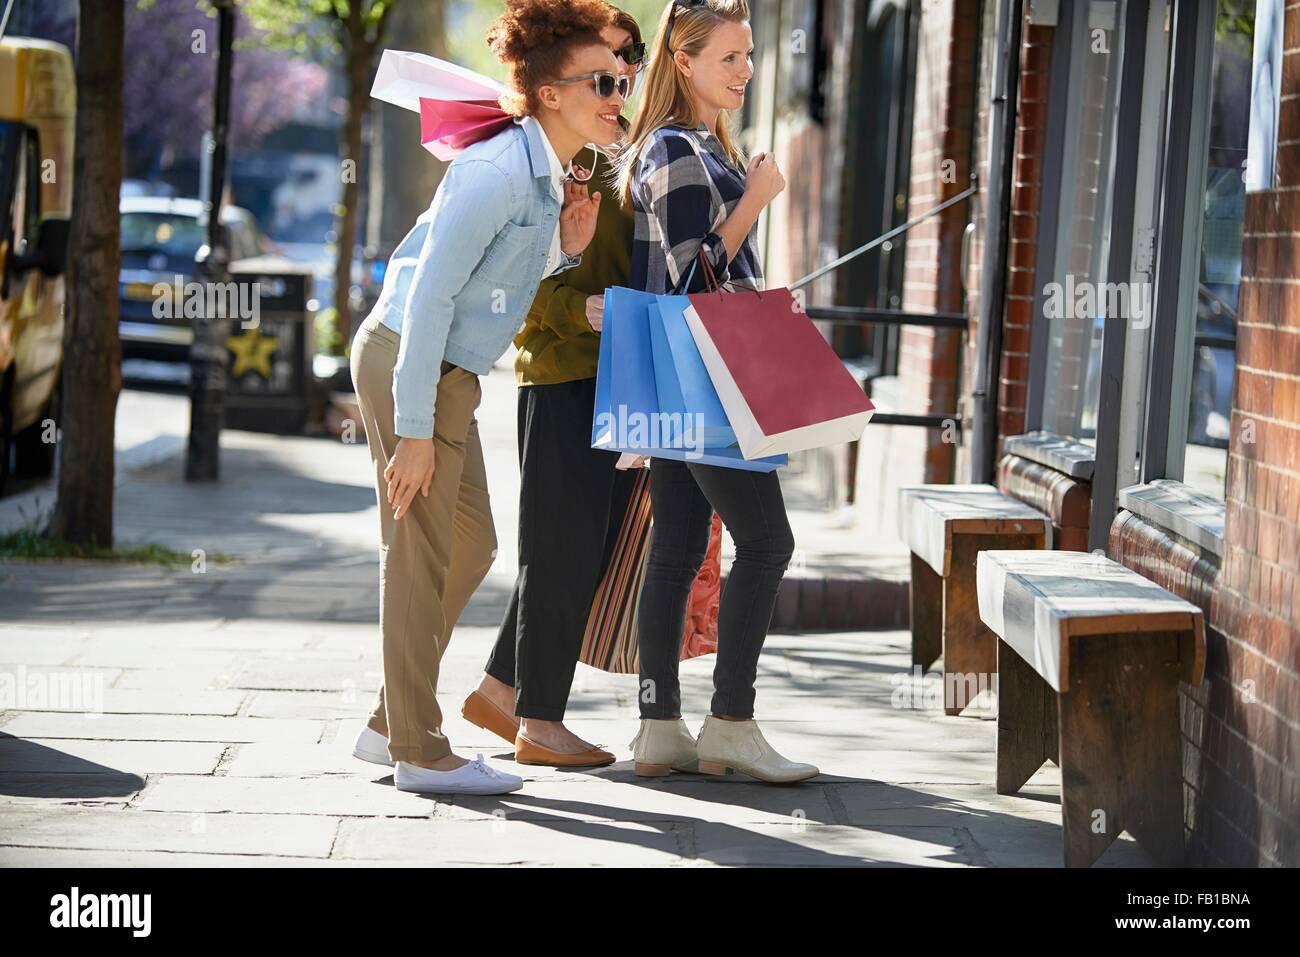 Seitenansicht der Frauen halten Einkaufstüten stehen in der Straße Suche im Schaufenster Stockfoto